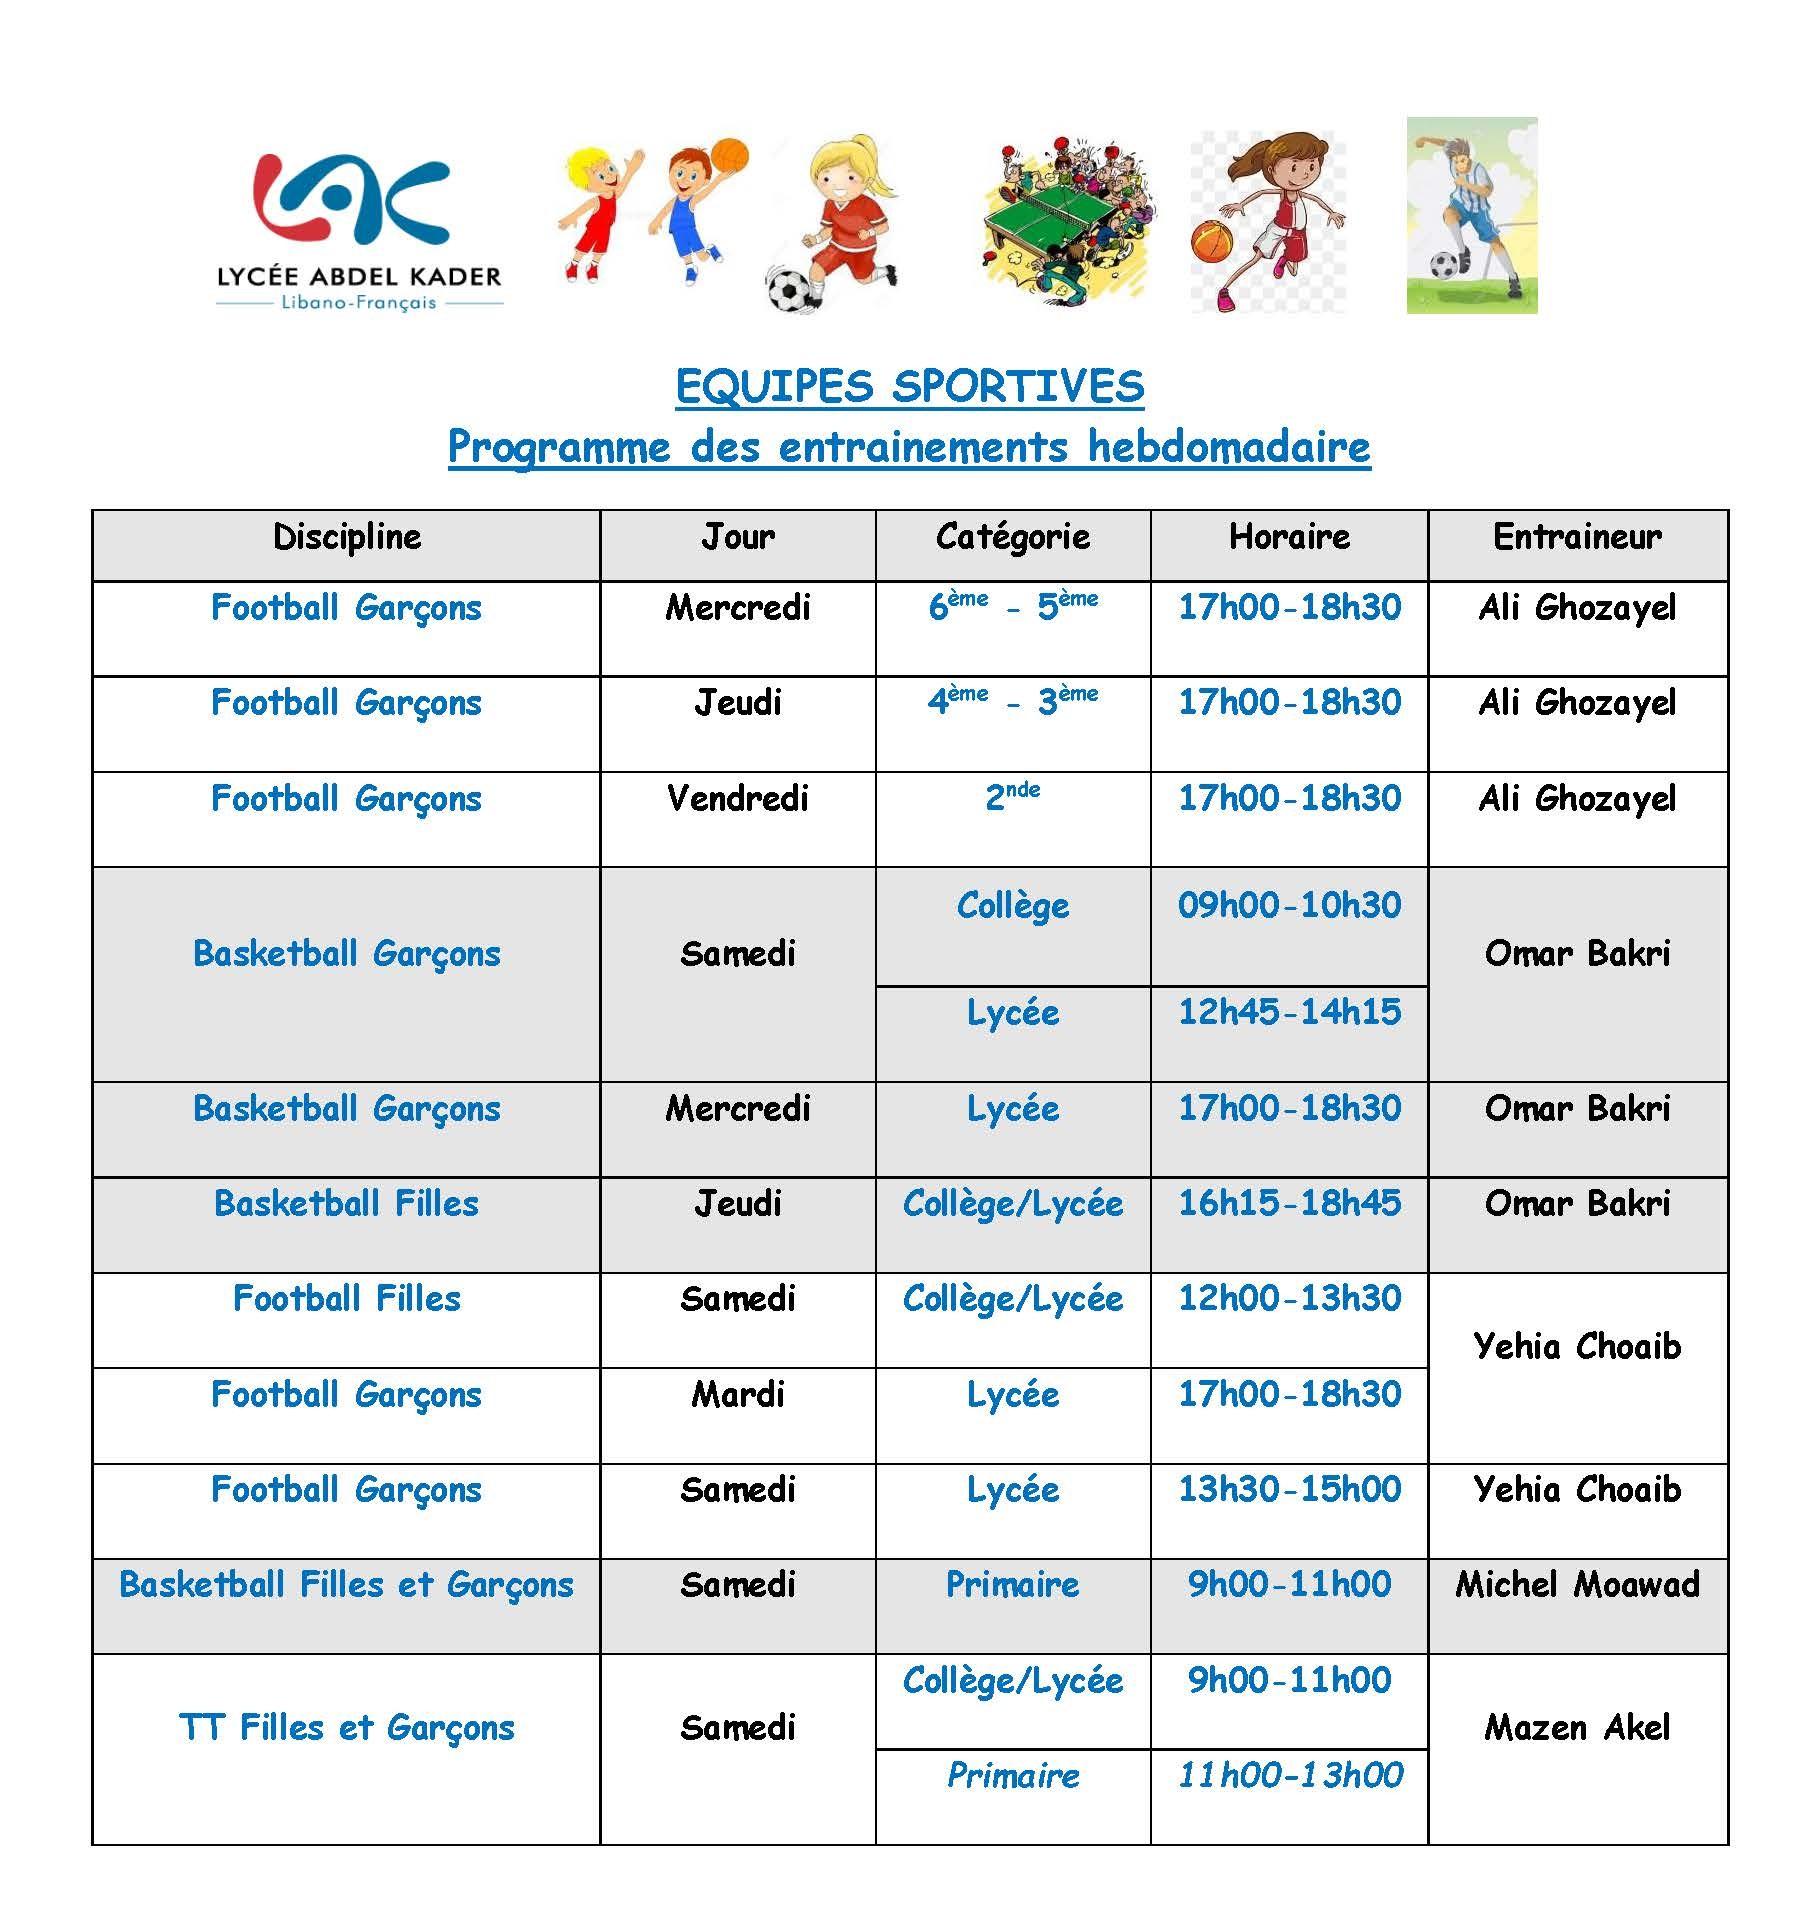 Programme hebdomadaire des entraînements des équipes sportives 2018-2019